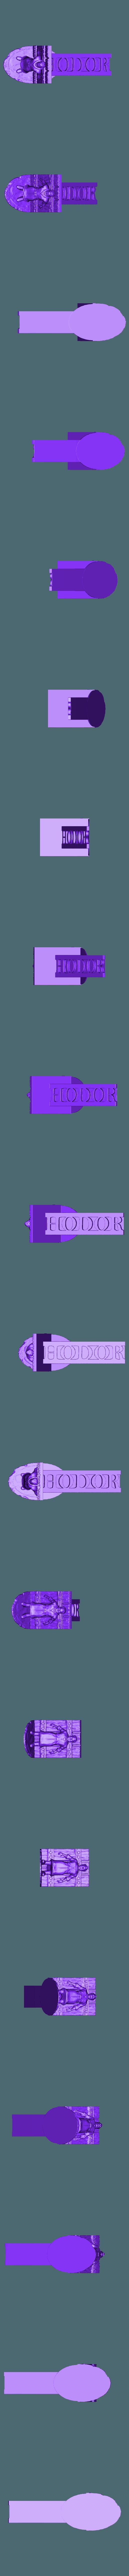 Another_Hodor_fixed.stl Télécharger fichier STL gratuit Serre-livre Hodor • Objet pour impression 3D, becker2